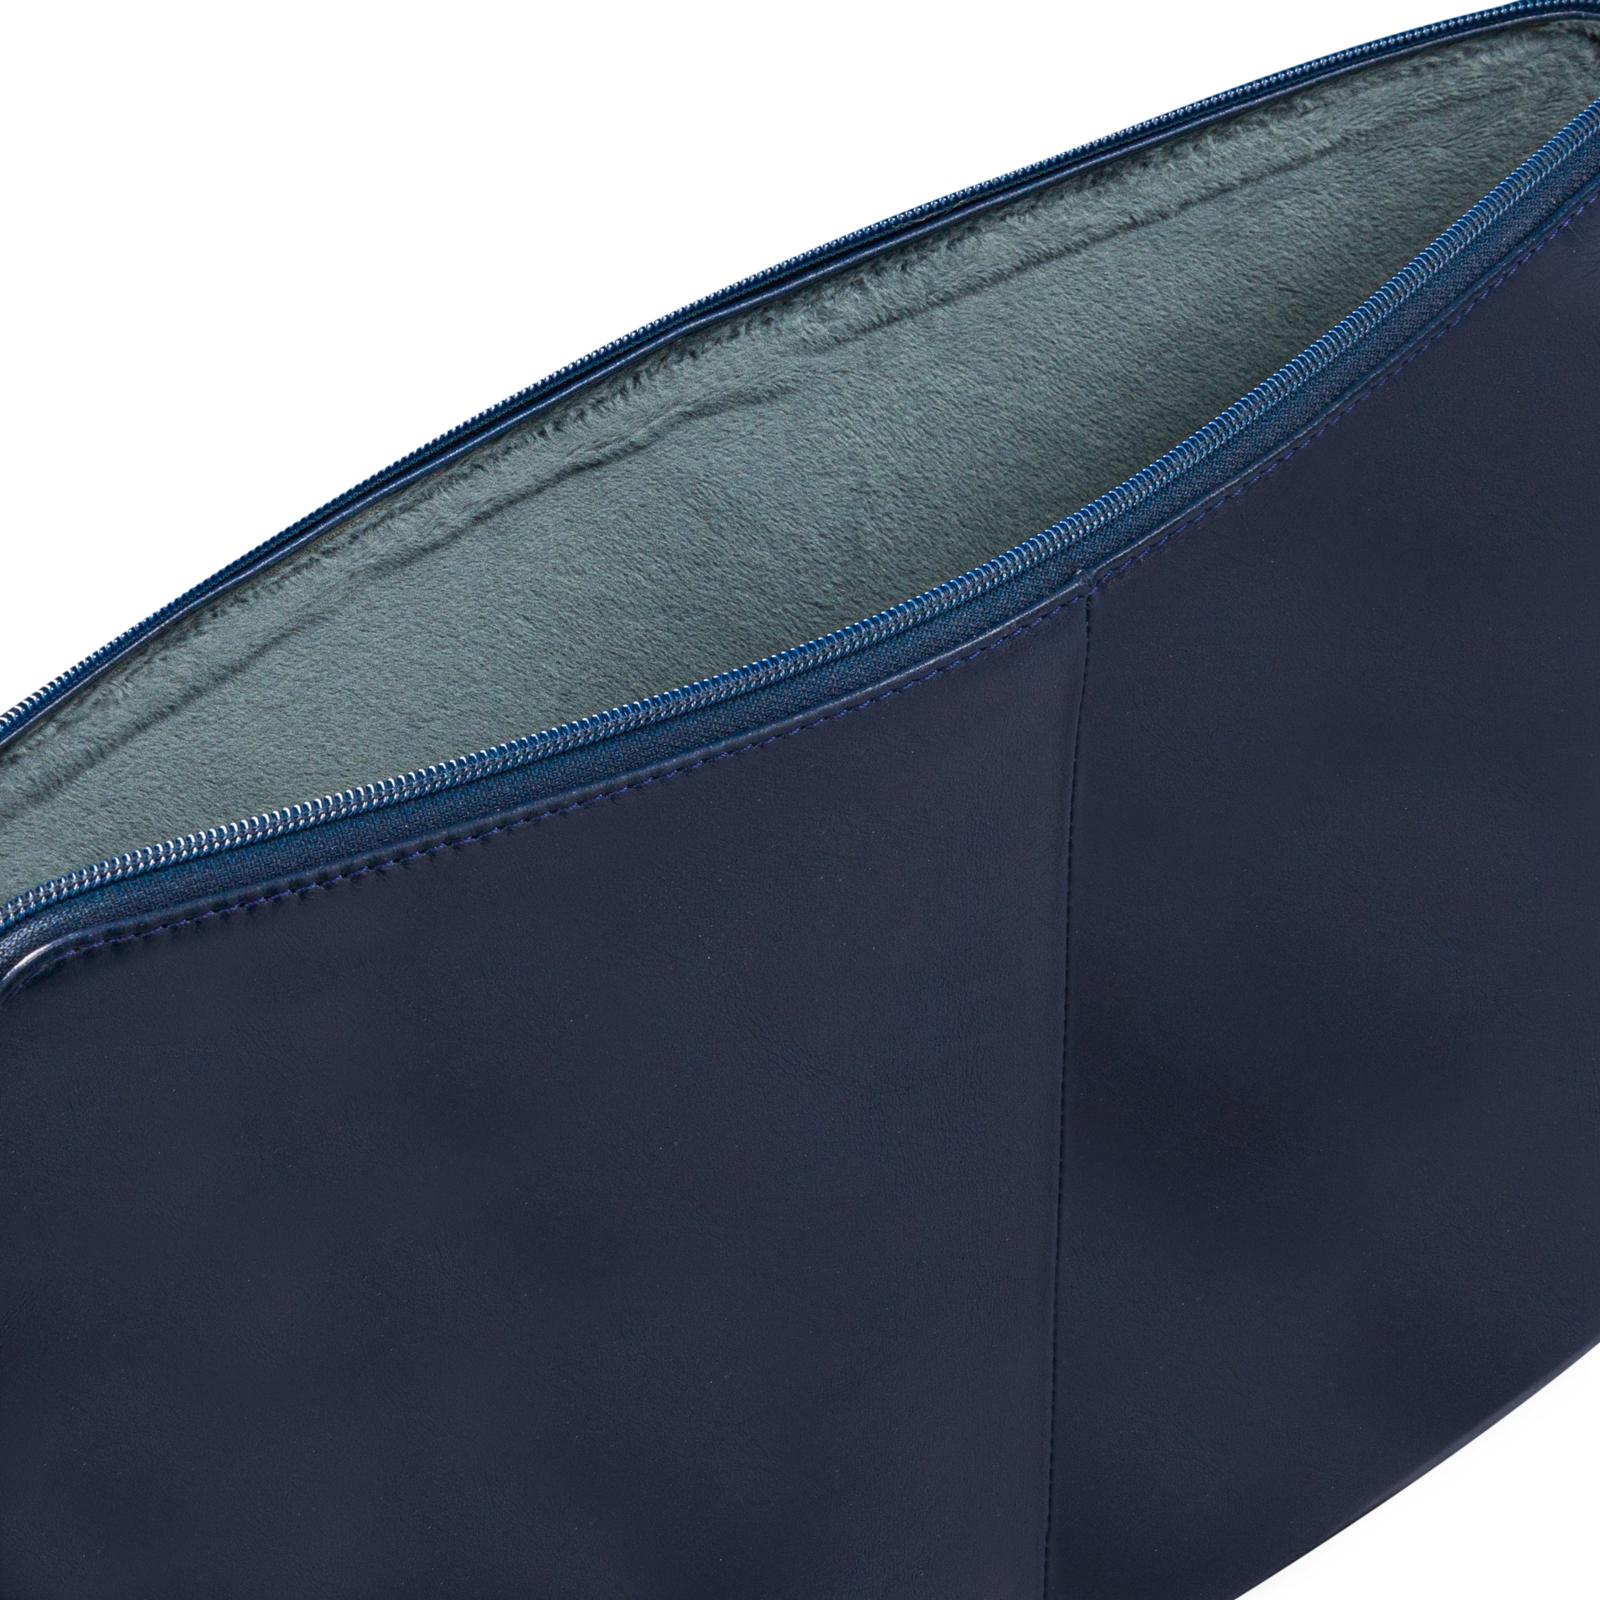 Dbramante1928 13'' MacBook Pro/Air Case Skagen Pro, Ink Blue